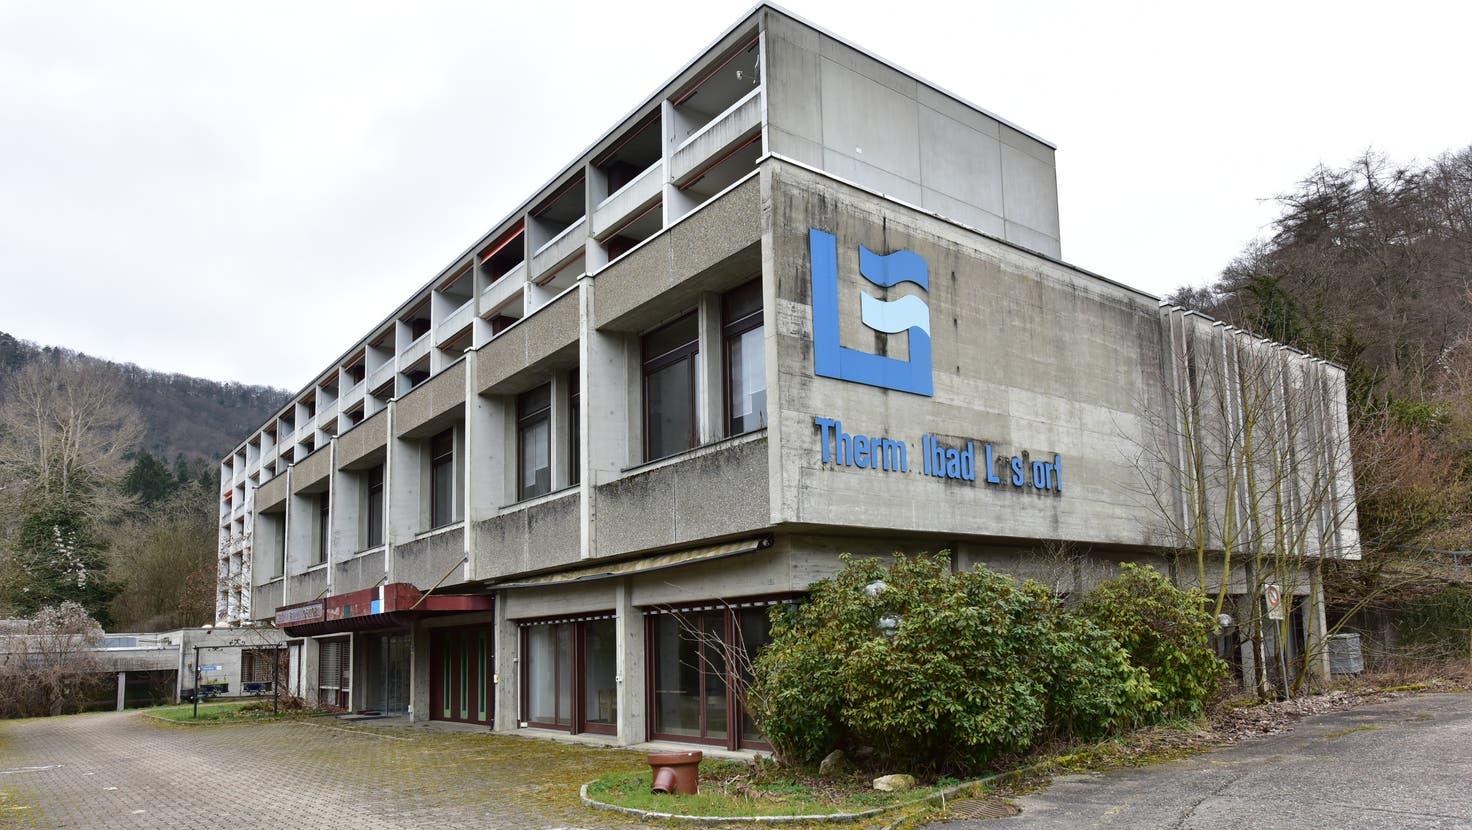 Das Bad-Gelände oberhalb von Lostorf ist im Internet für rund 2,7 Millionen Franken zum Verkauf ausgeschrieben. Offenbar laufen bereits Gespräche. (Stefan Worminghaus(Archiv))